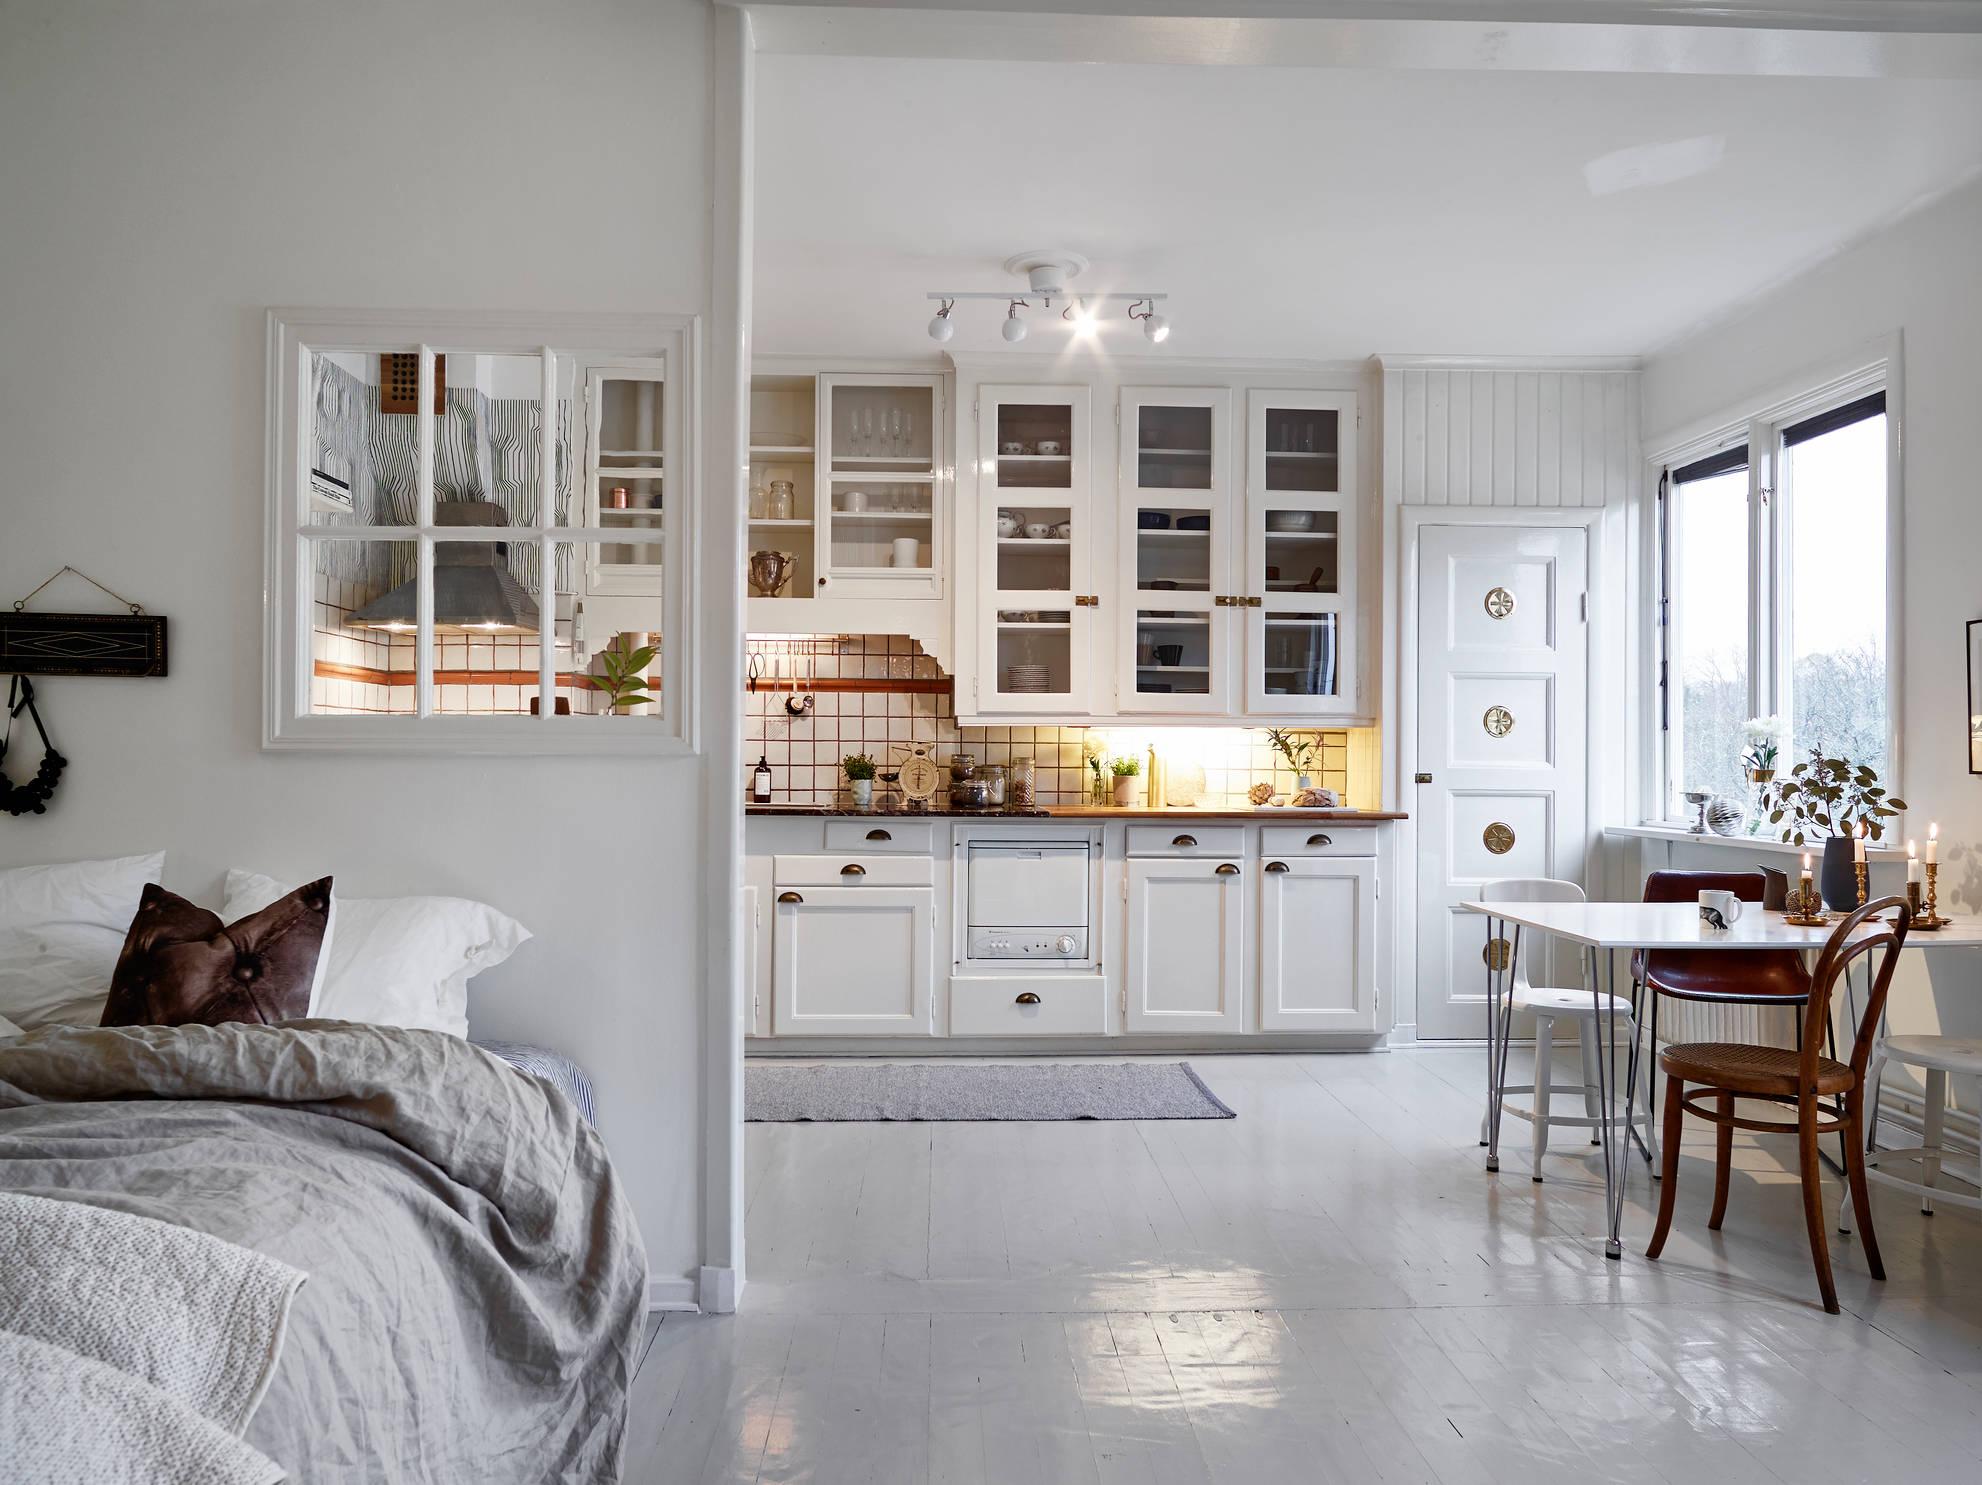 Woonkamer slaapkamer en open keuken combinatie in klein